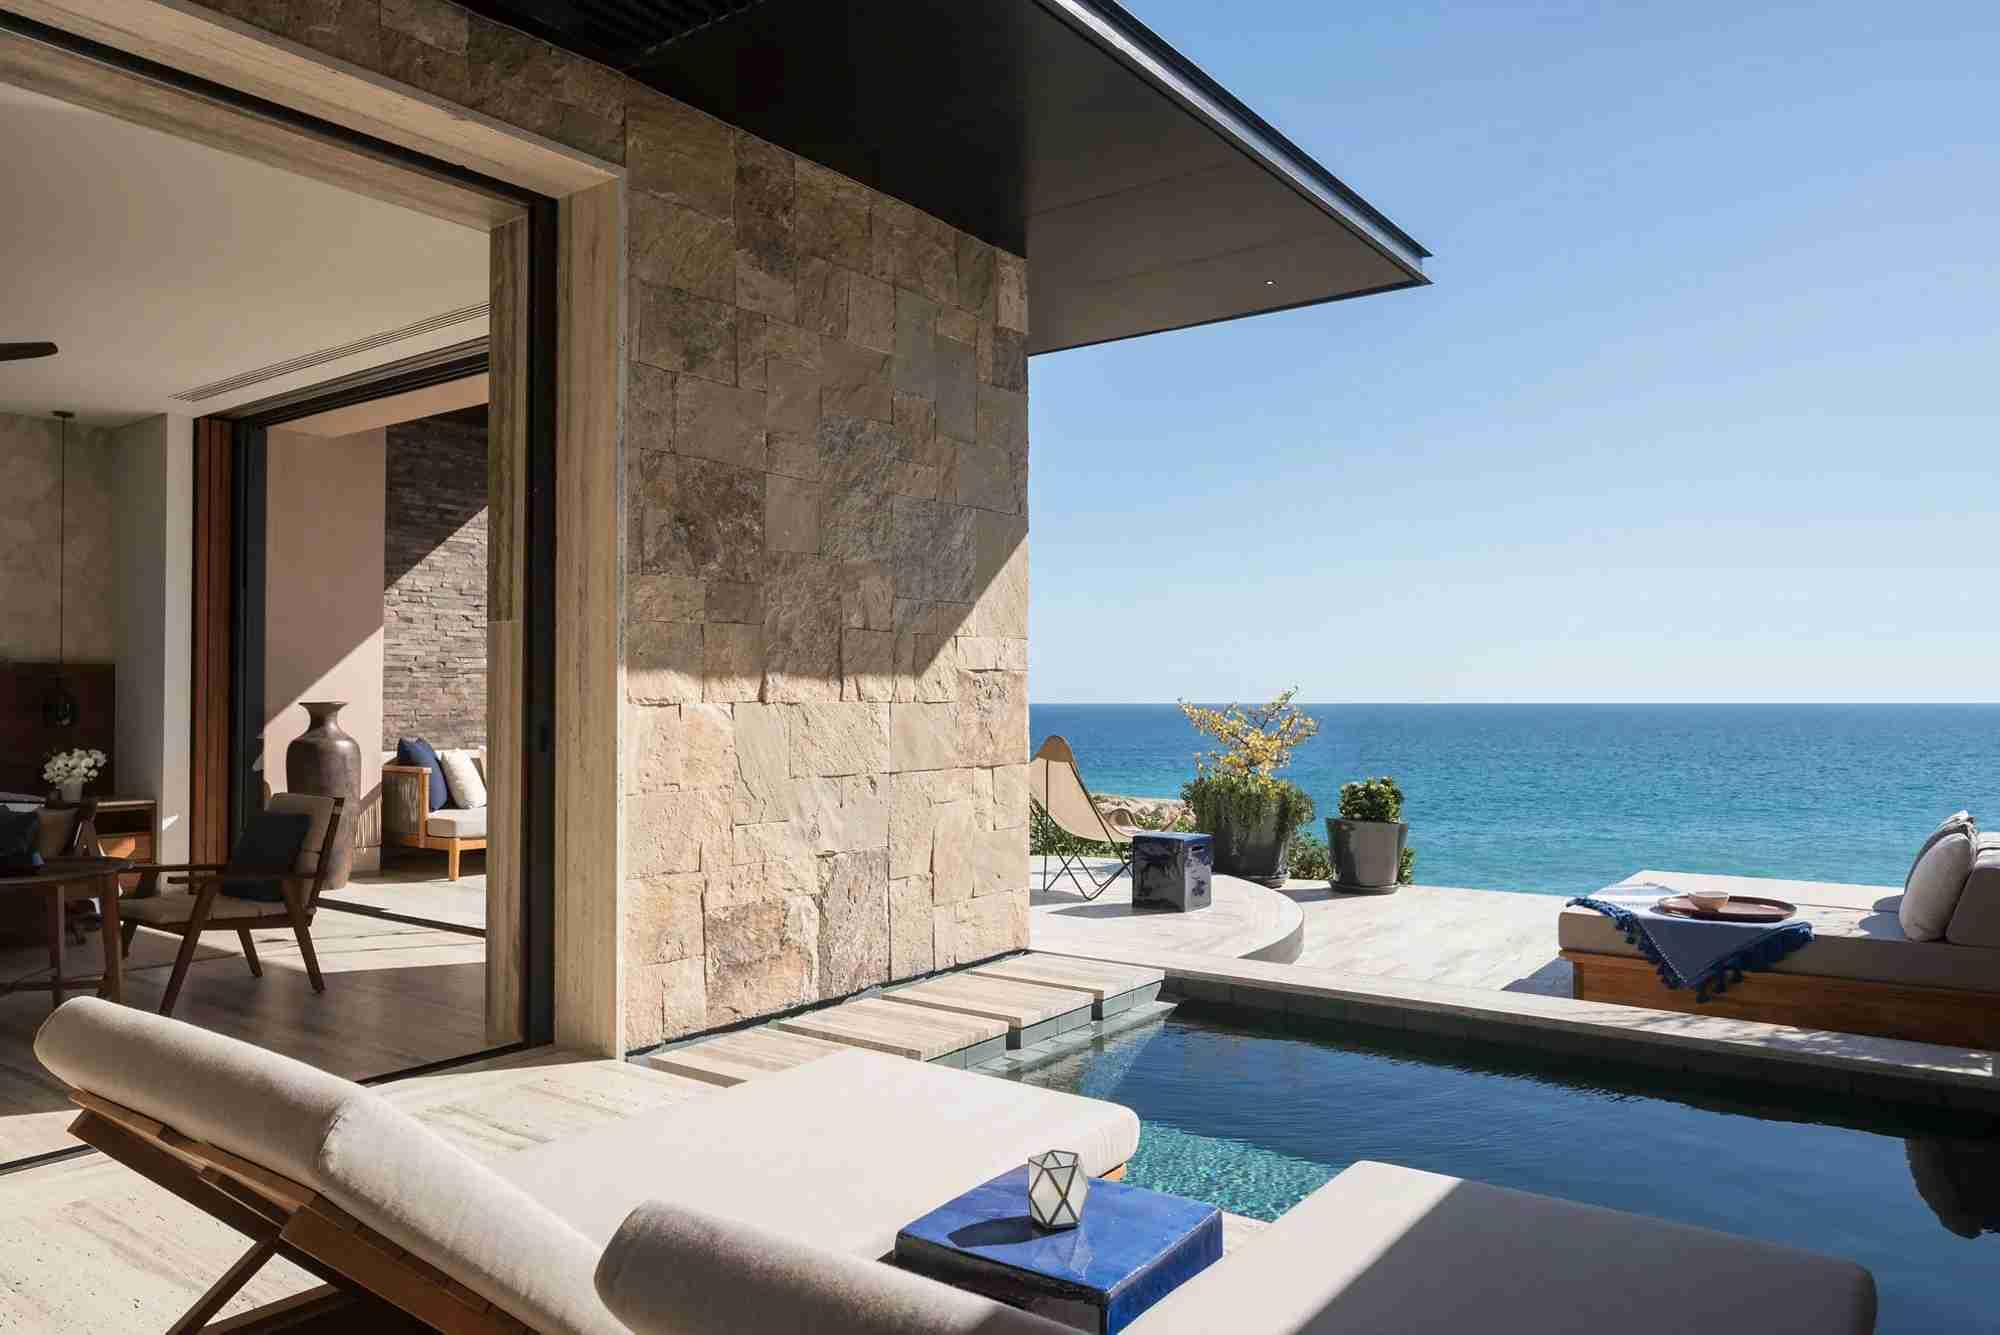 Ritz Carlton Reserve Los Cabos (image courtesy of hotel)